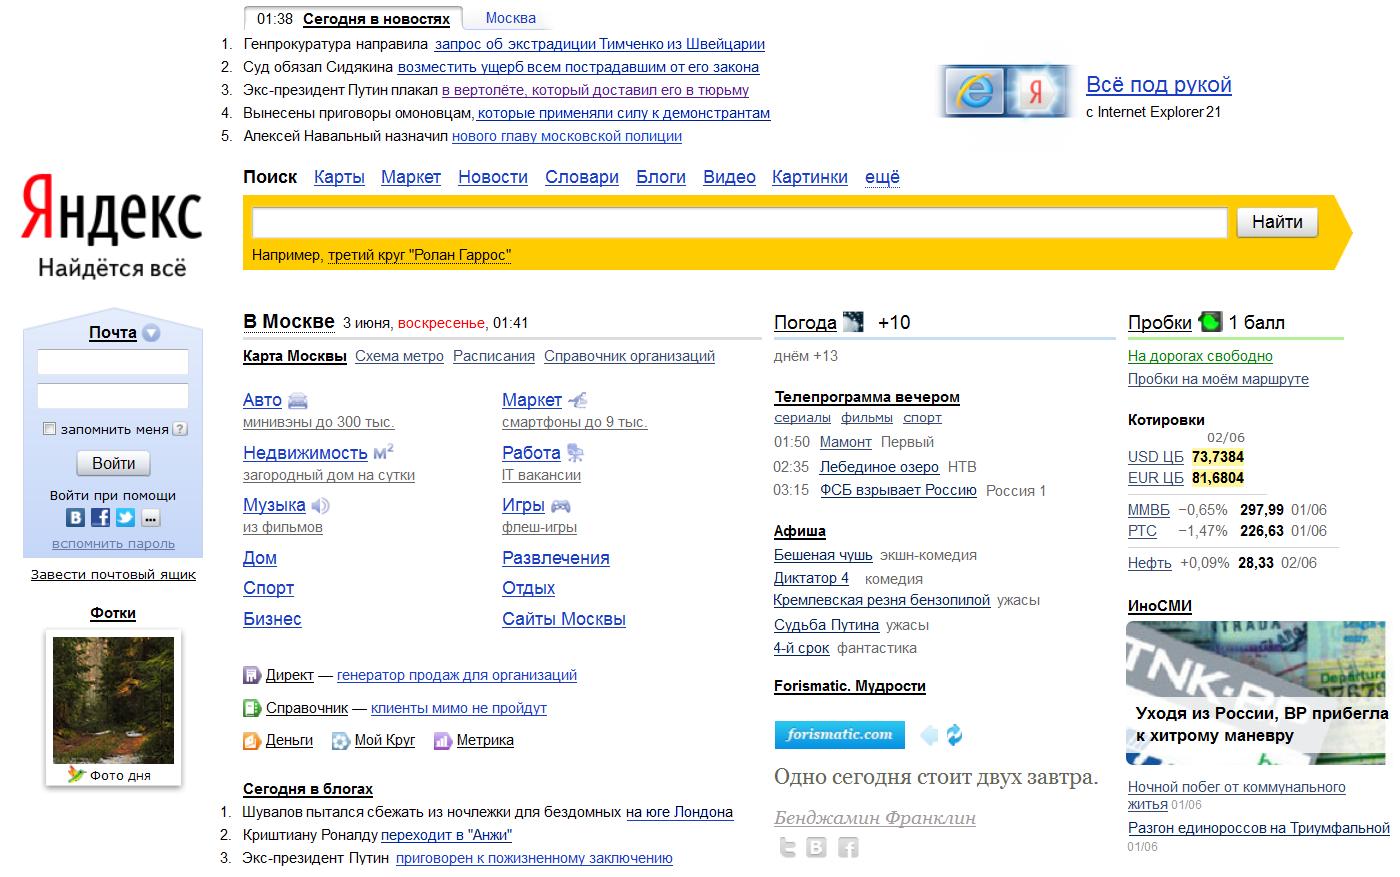 Яндекс: где то в параллельной реальности